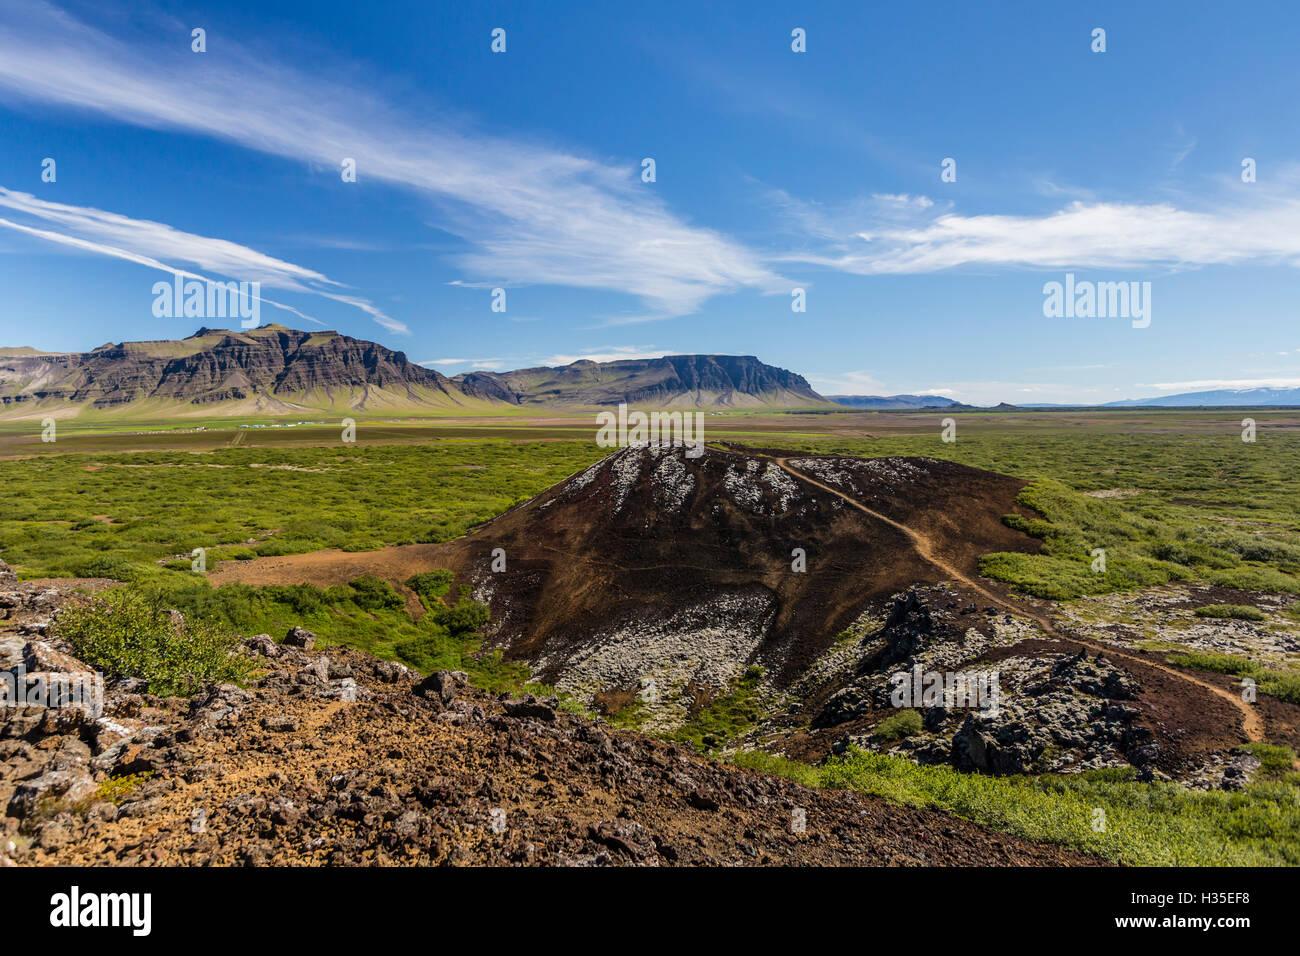 El cráter volcánico de Eldborg, declarada Monumento Natural Protegida en 1974, Islandia, las regiones polares Foto de stock